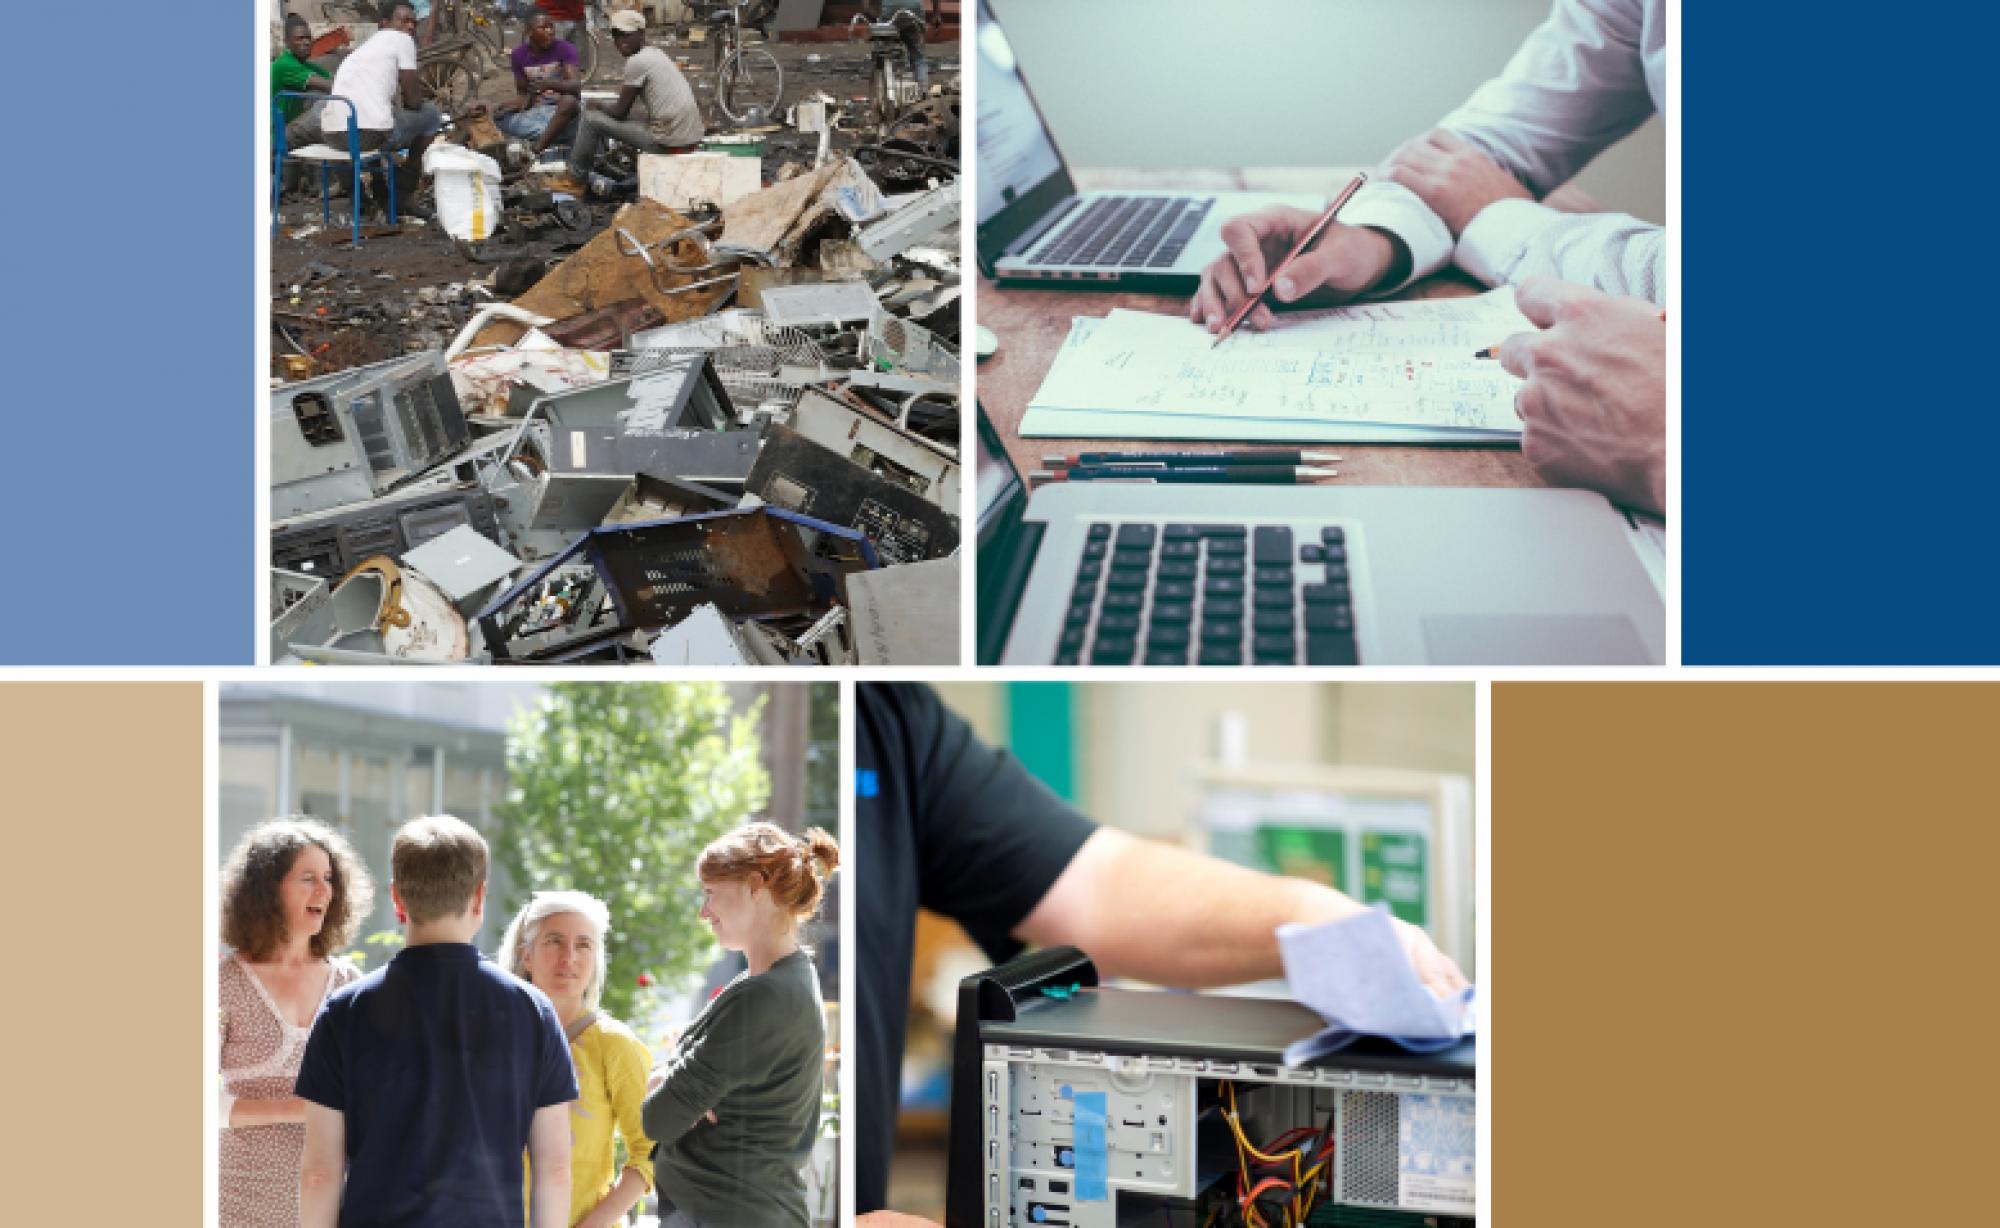 Fachkonferenzen für sozial verantwortliche IT-Beschaffung